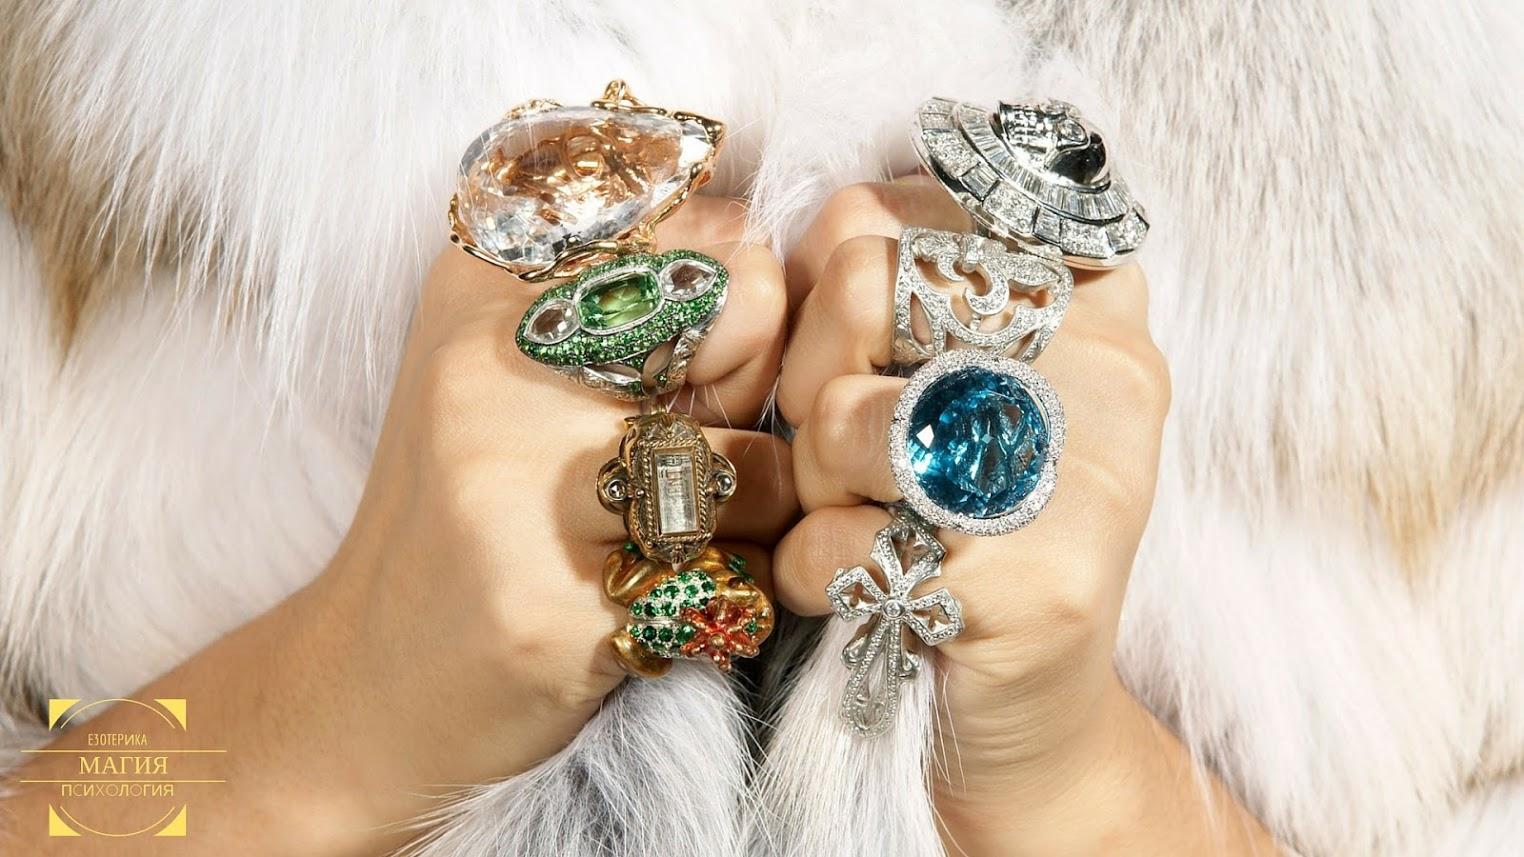 Магия колец: как носить кольцо с пользой картинки